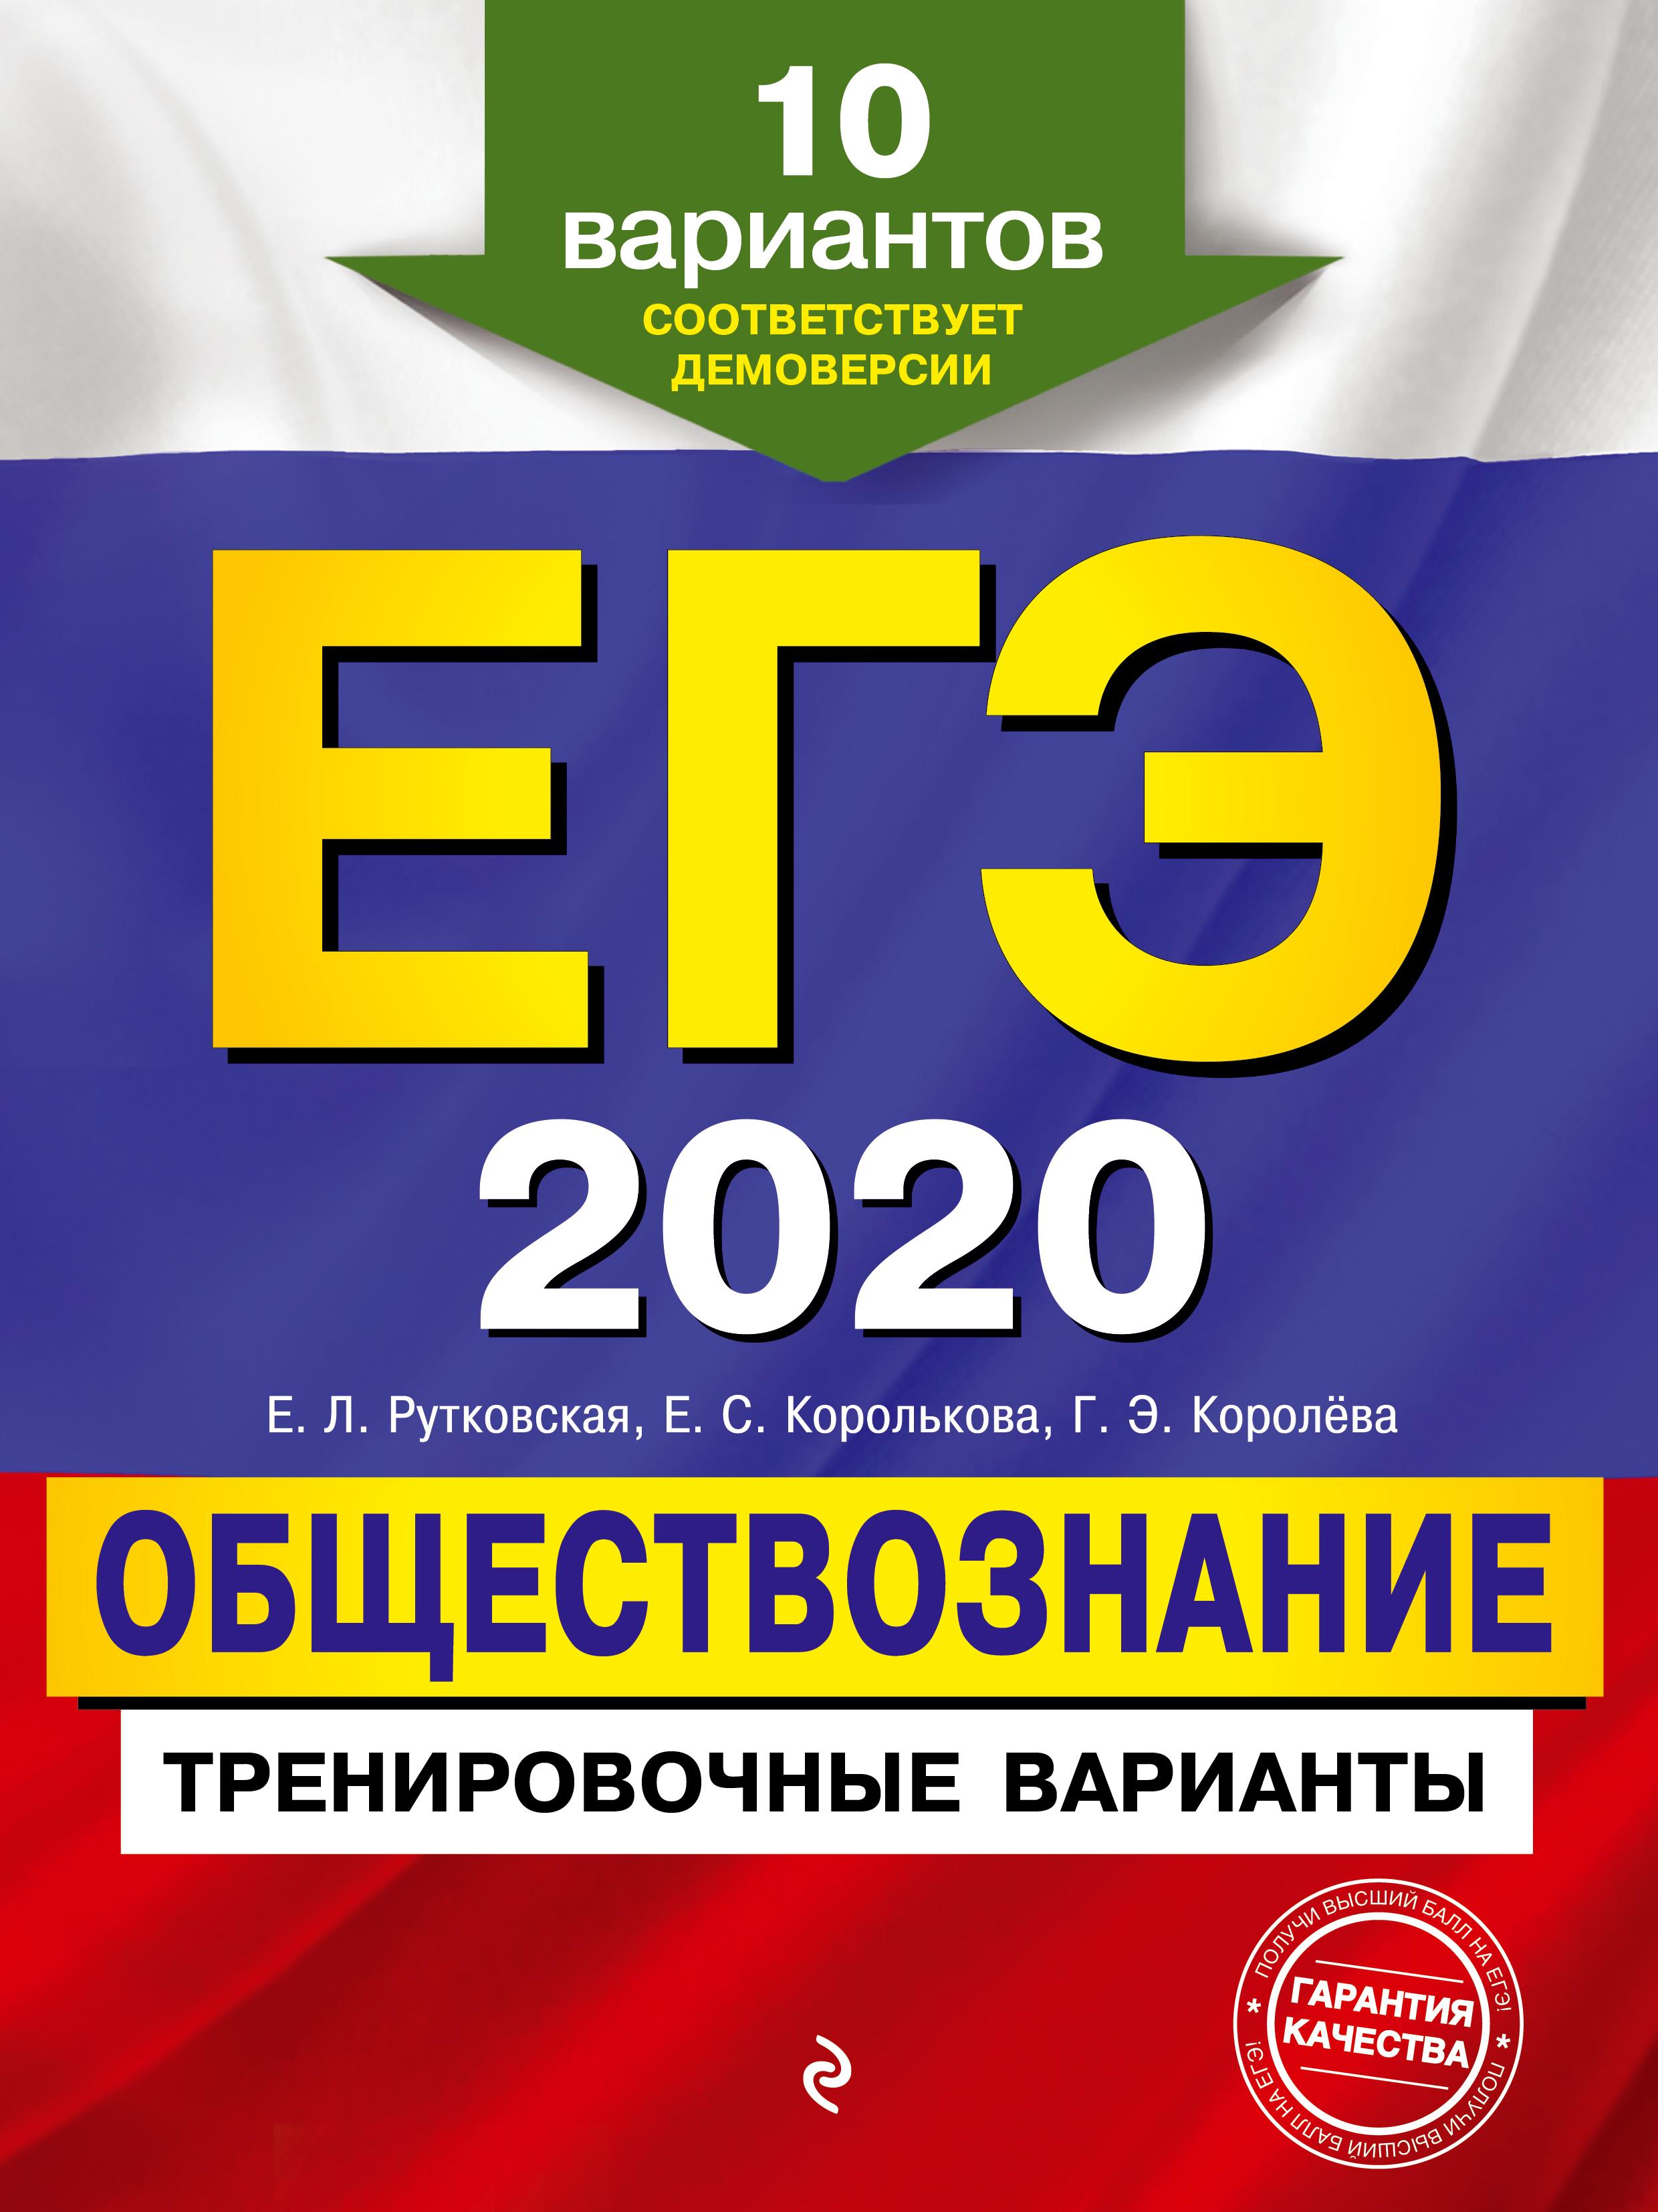 ЕГЭ-2020. Обществознание. Тренировочные варианты. 10 вариантов